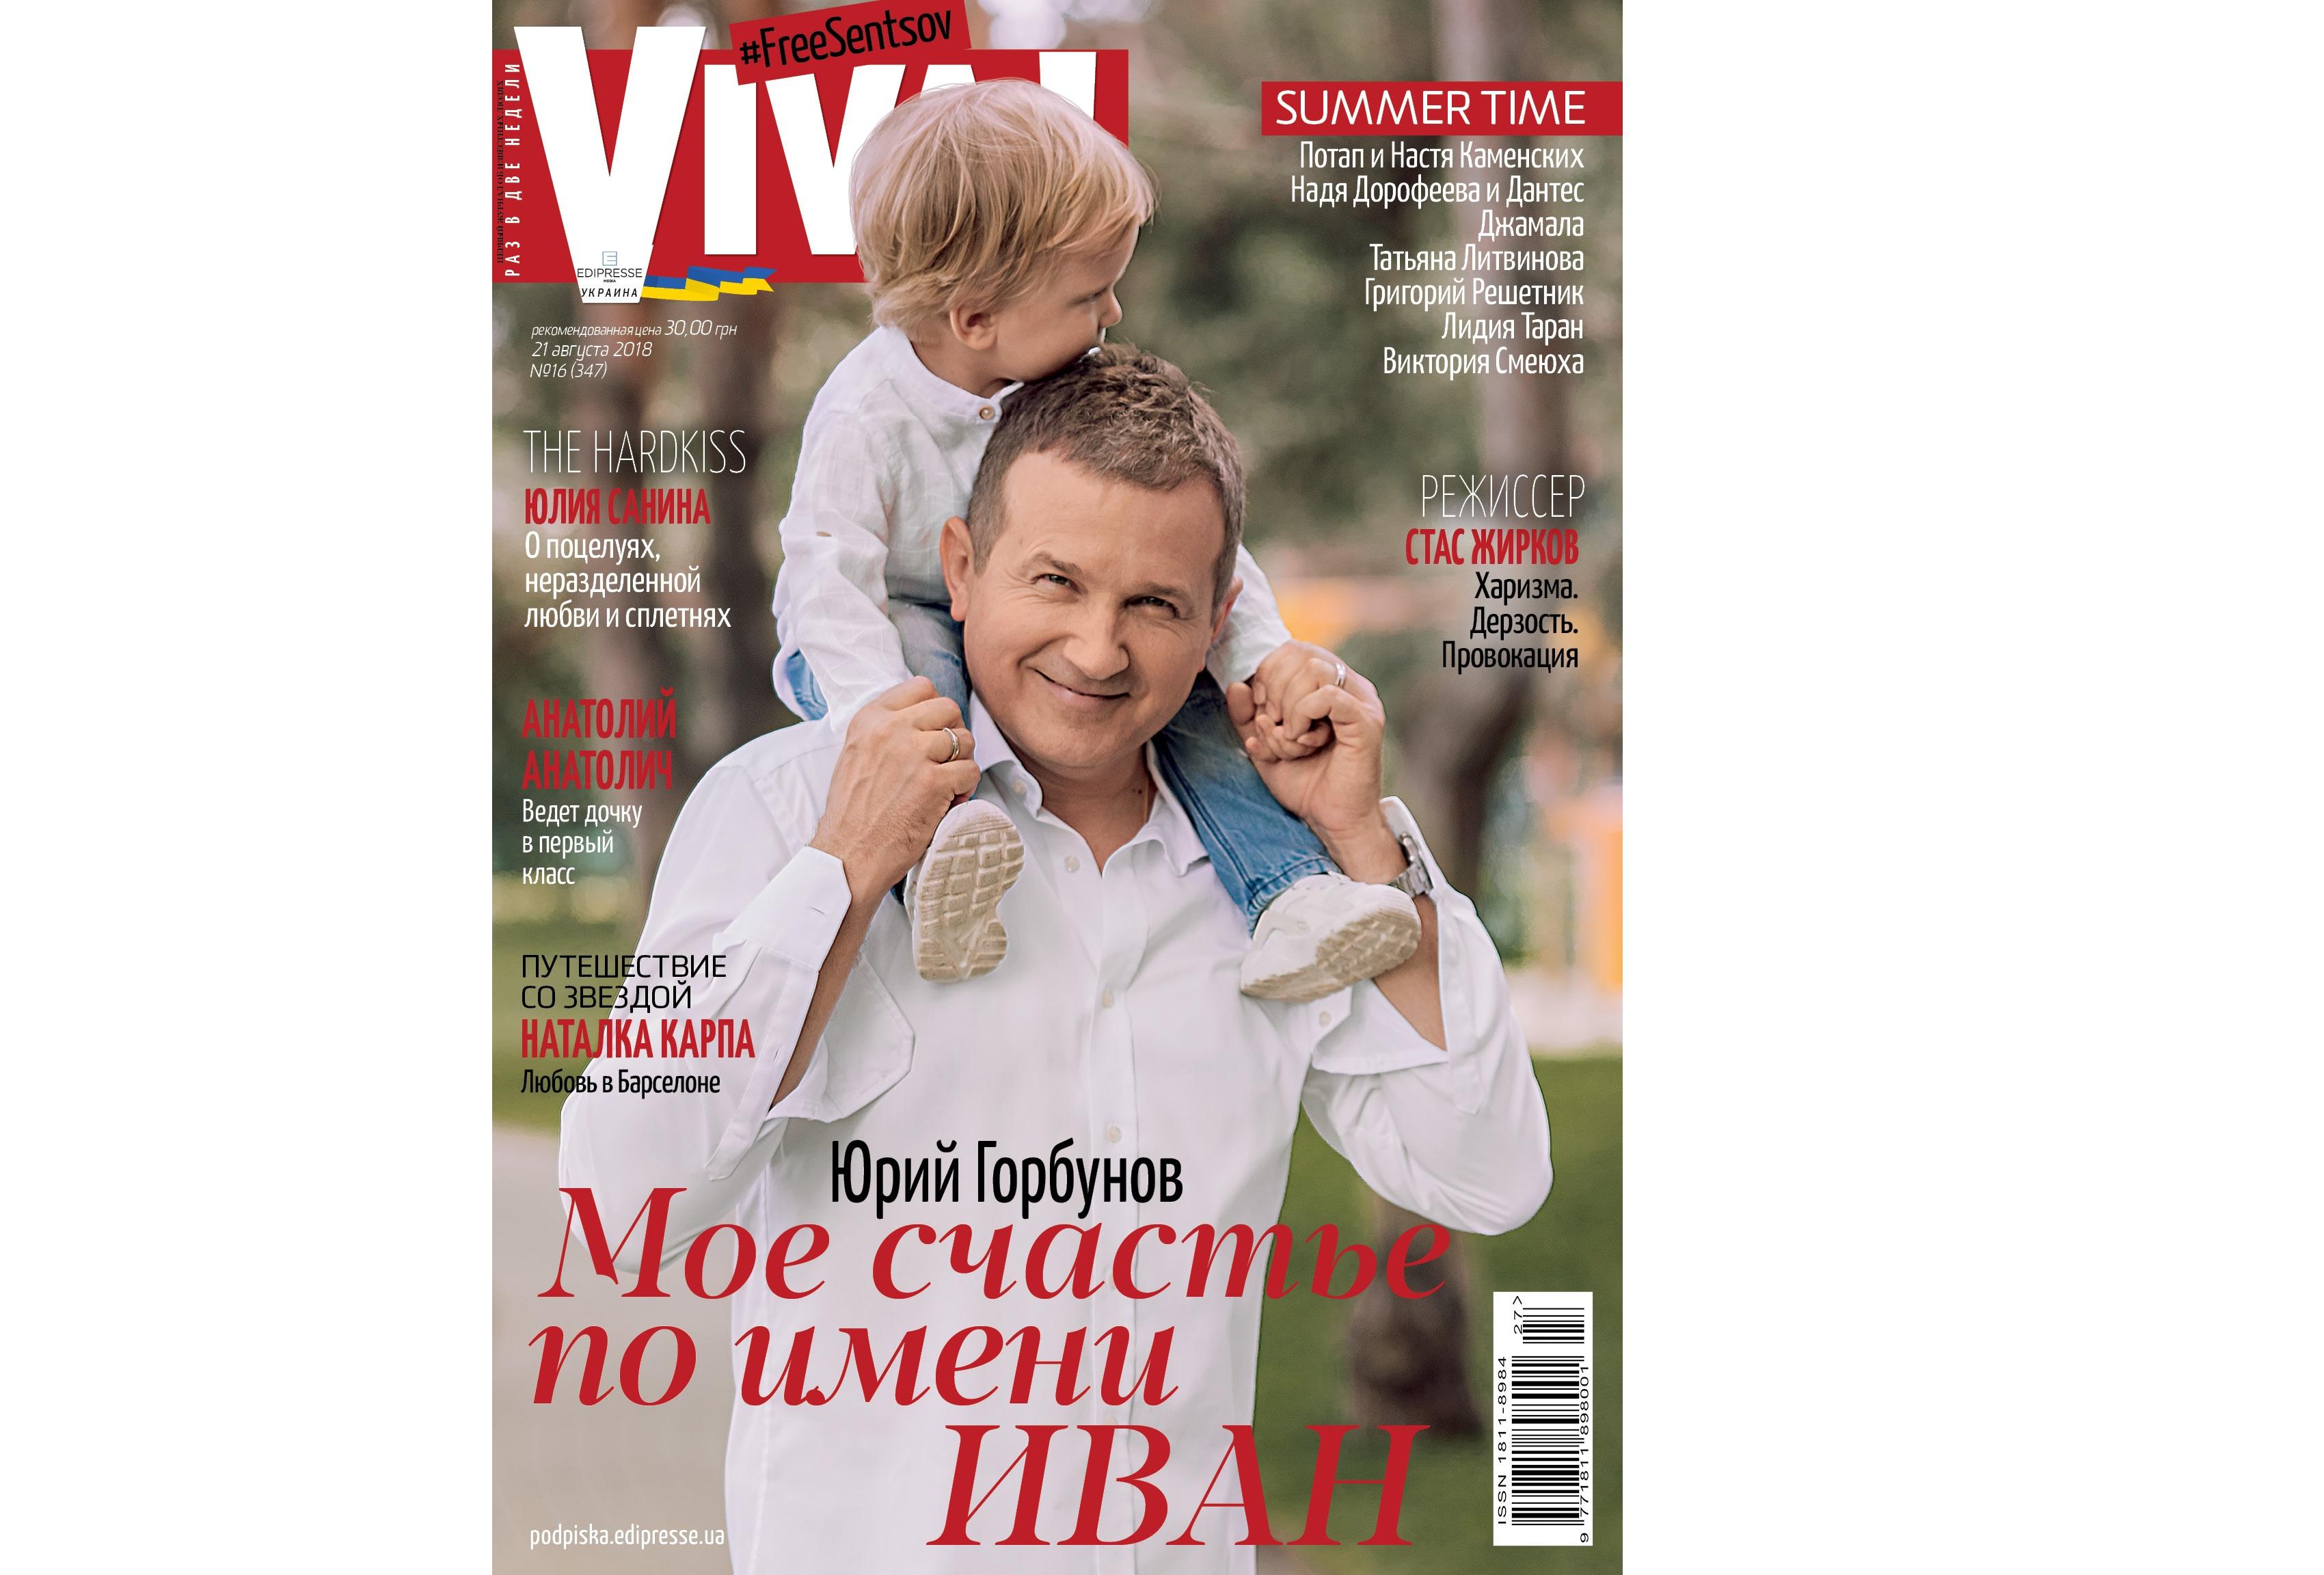 Горбунов с младенцем: телеведущий появился на обложке журнала вместе с сыном